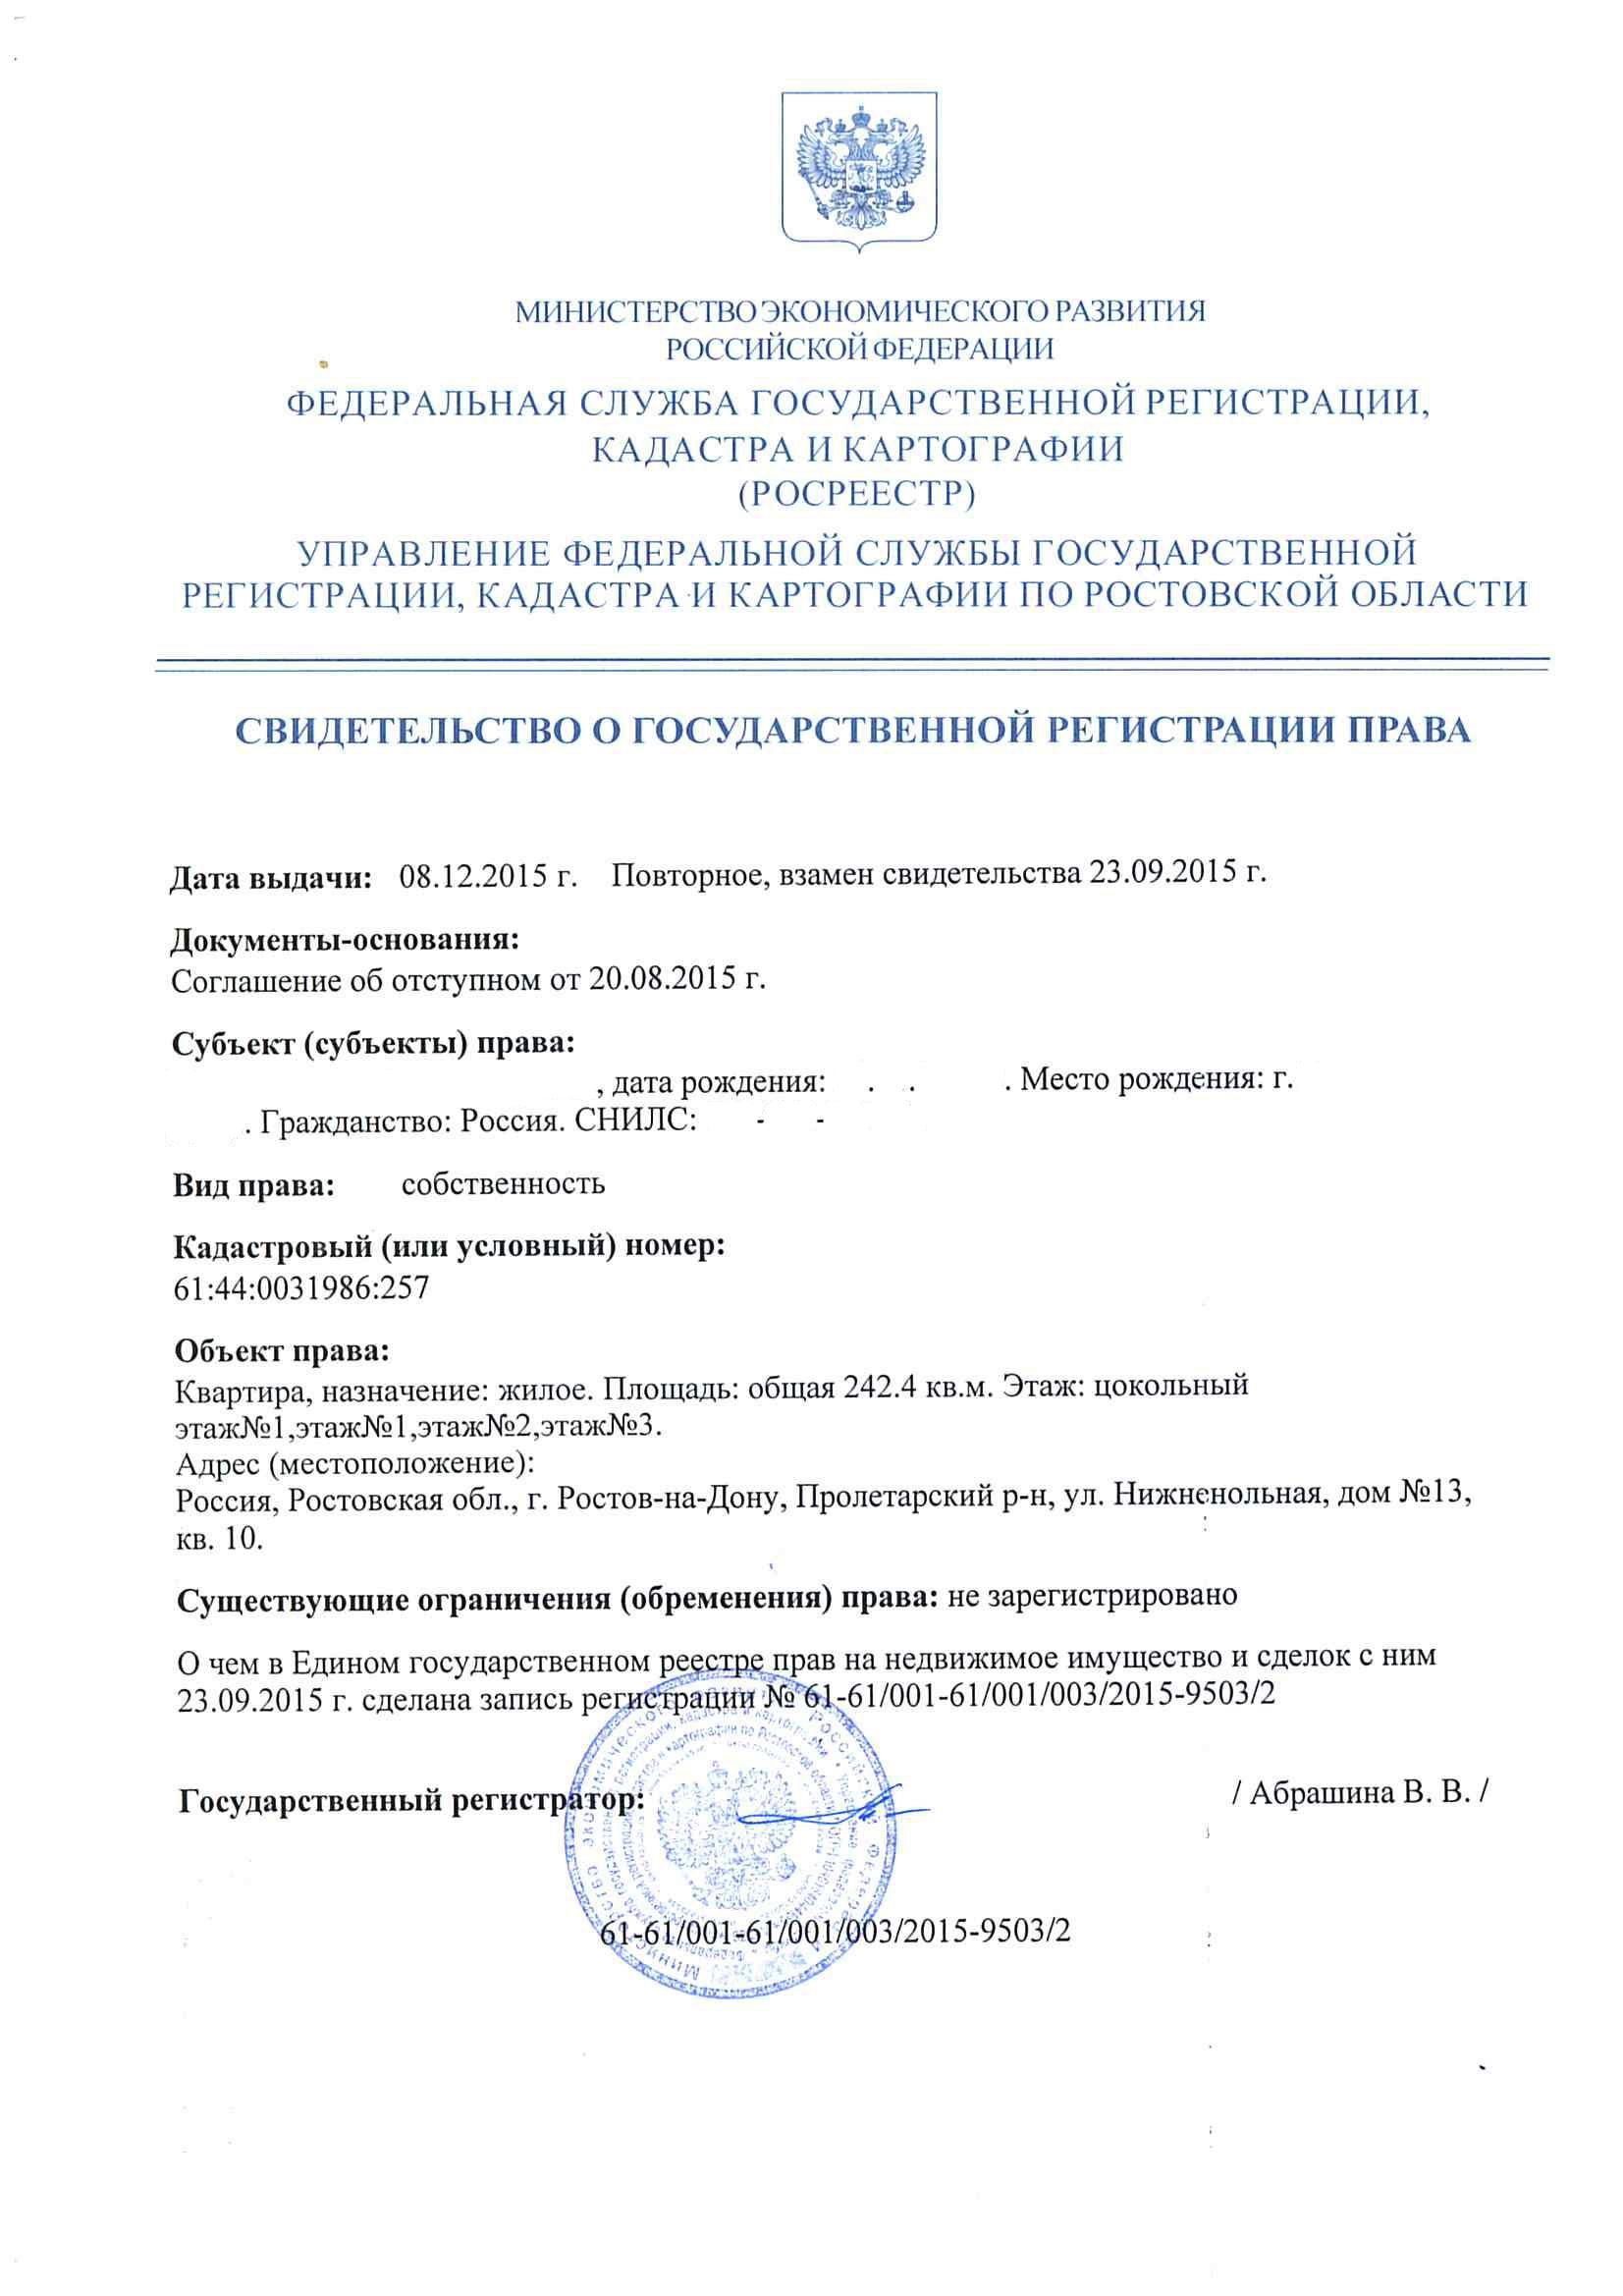 Свидетельство о гос регистрации квартира 10